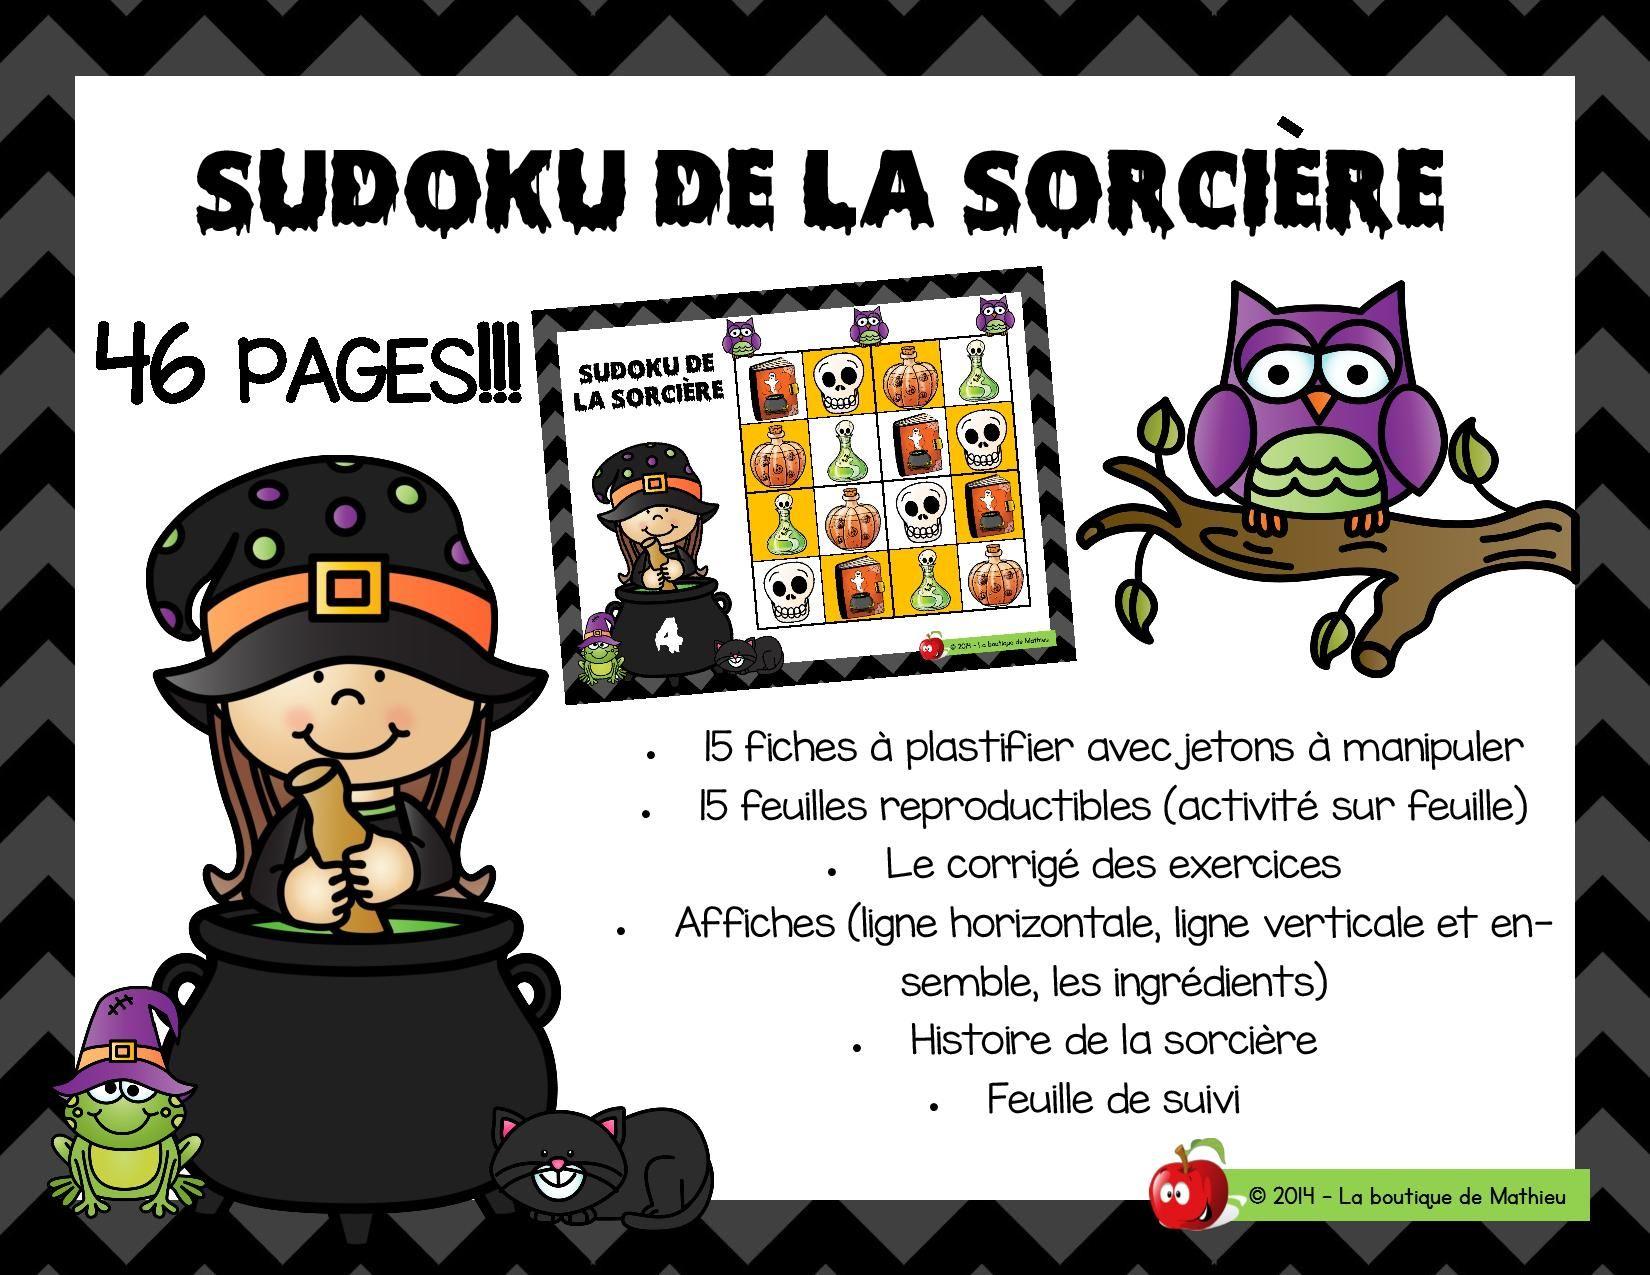 Sudoku De La Sorcière | Sorciere, Sorcières Maternelle, Sudoku dedans La Sorciere Tambouille